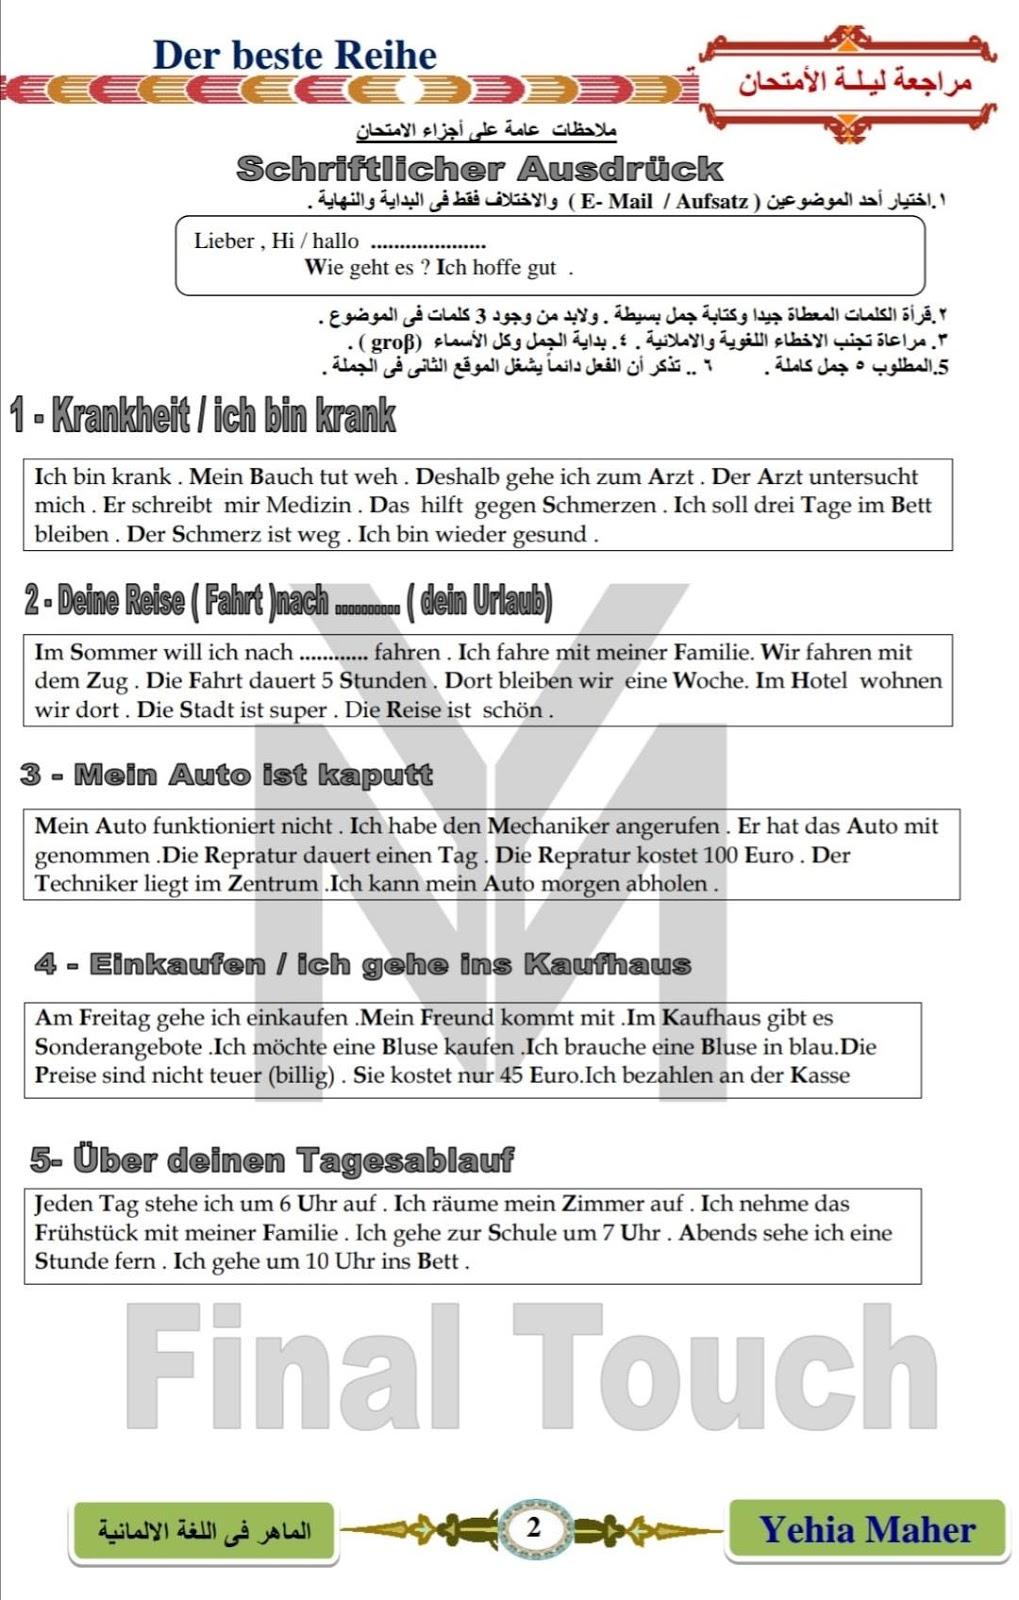 مراجعة اللغة الألمانية.. أهم أسئلة ليلة امتحان الثانوية العامة هير / يحيي ماهر 2